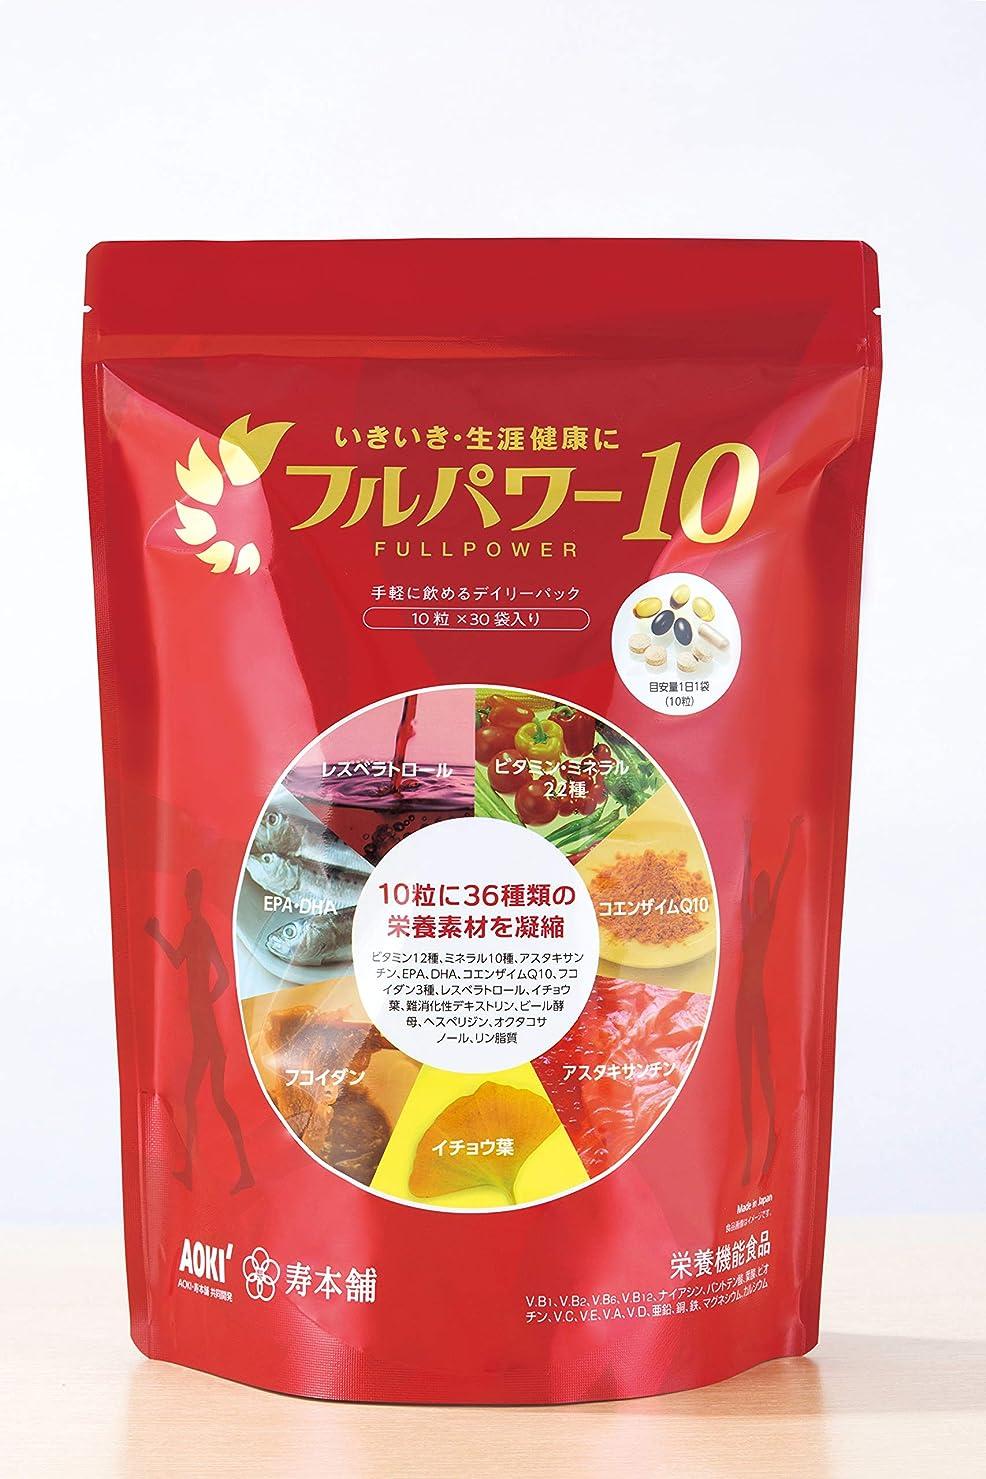 オデュッセウスマーベル知り合いフルパワー10[30袋入](1袋10粒入)不足しやすい栄養を補給するサプリメント